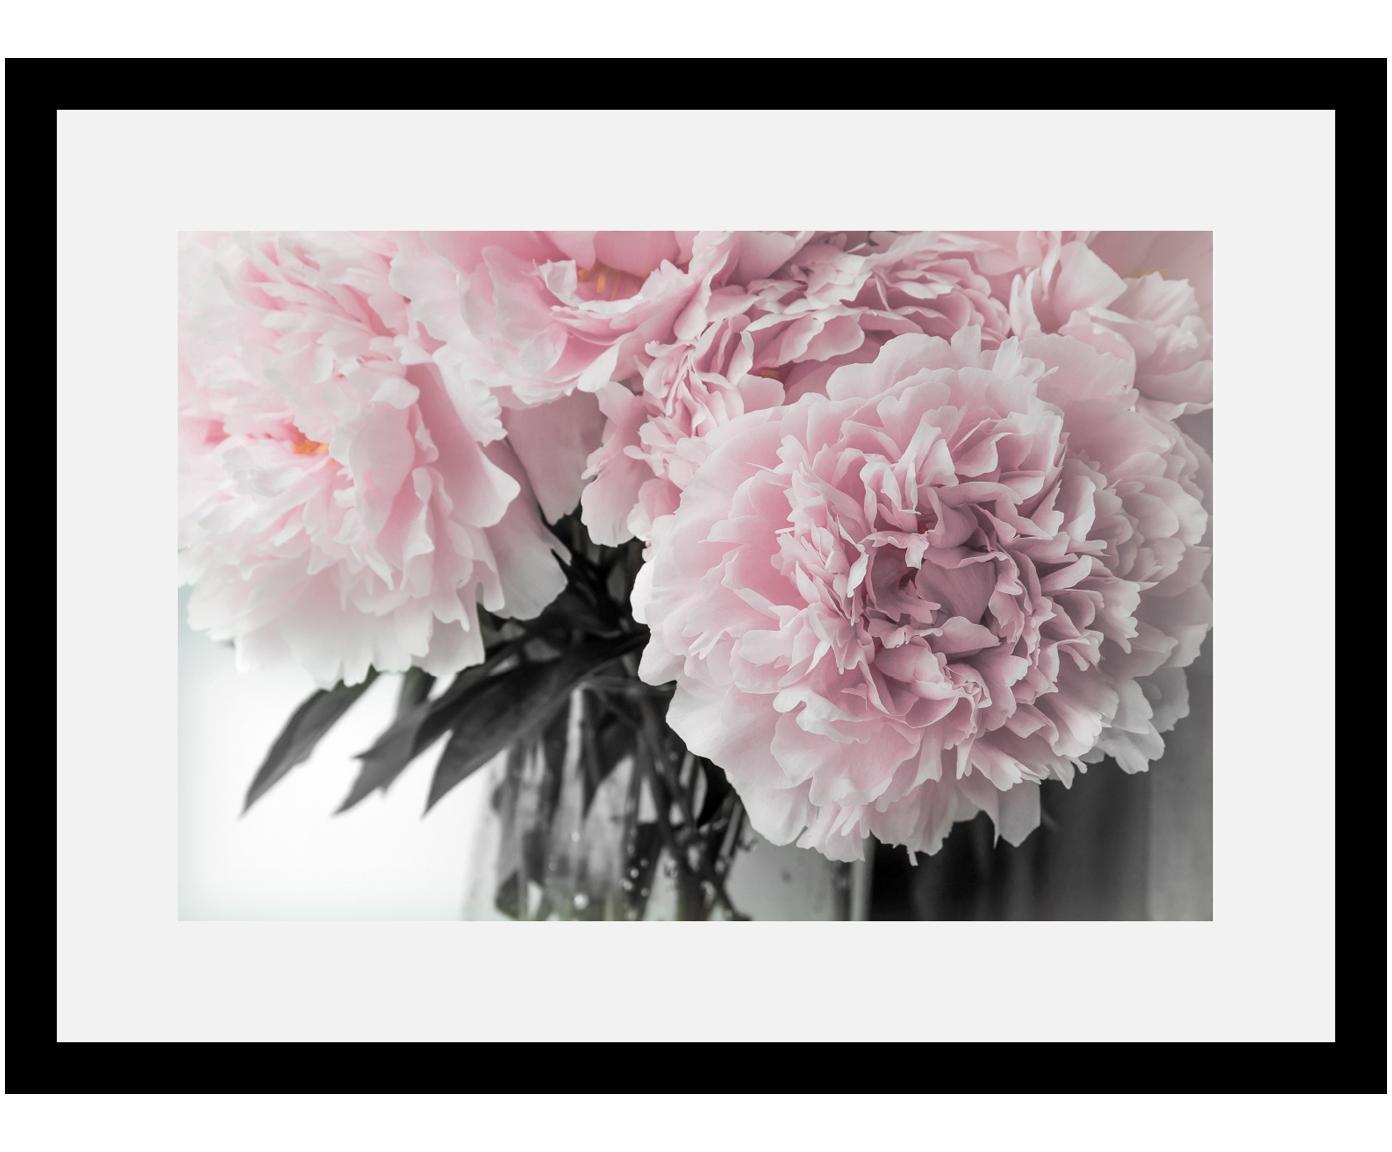 Stampa digitale incorniciata Pink Flowers, Immagine: stampa digitale, Cornice: struttura di legno reale, Immagine: rosa, bianco, verde scuro<br>Cornice: nero, L 40 cm x A 30 cm